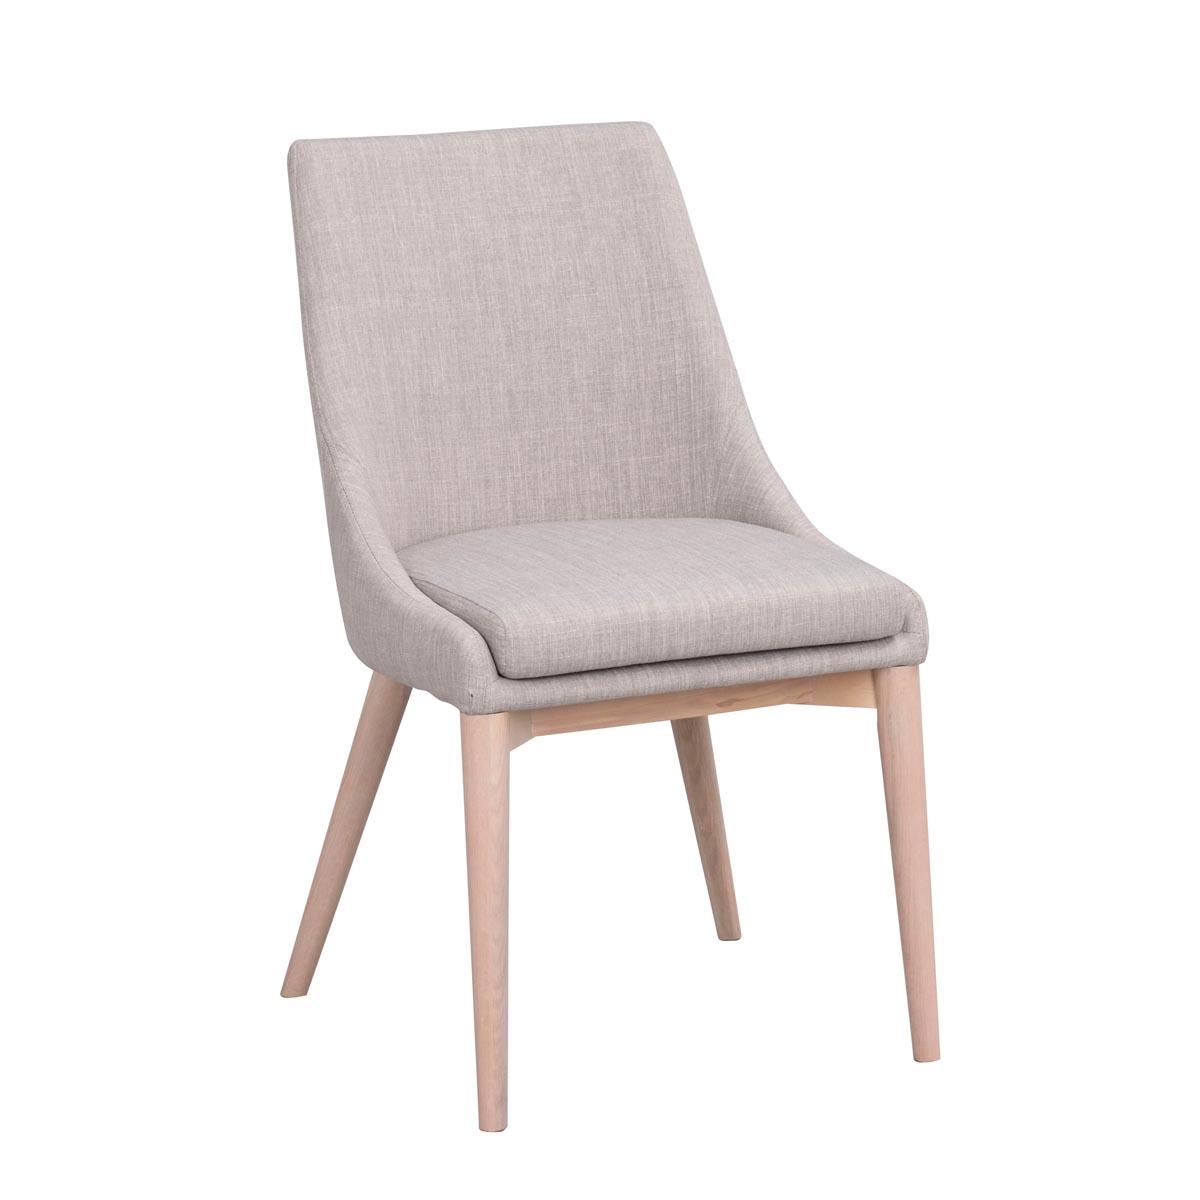 Bea-stol-ljusgrått-tyg_wwR-118312_a